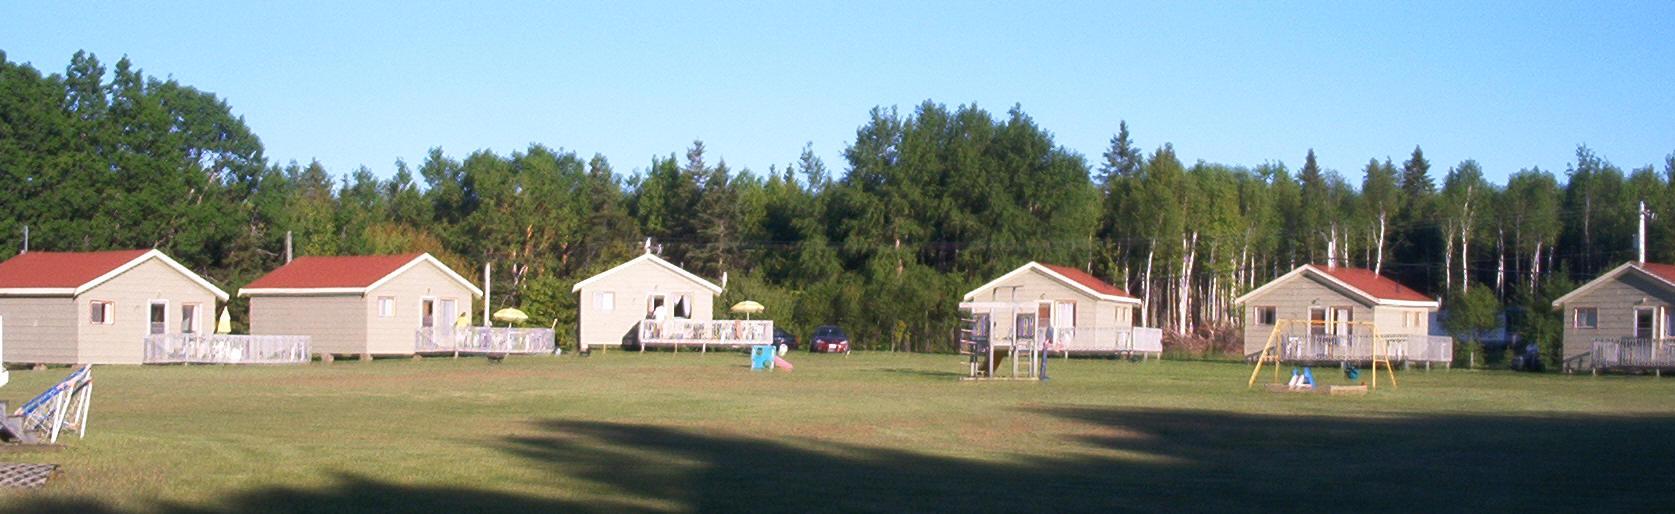 Cottages Pei Cottages Prince Edward Island Centennial Cottages Pei